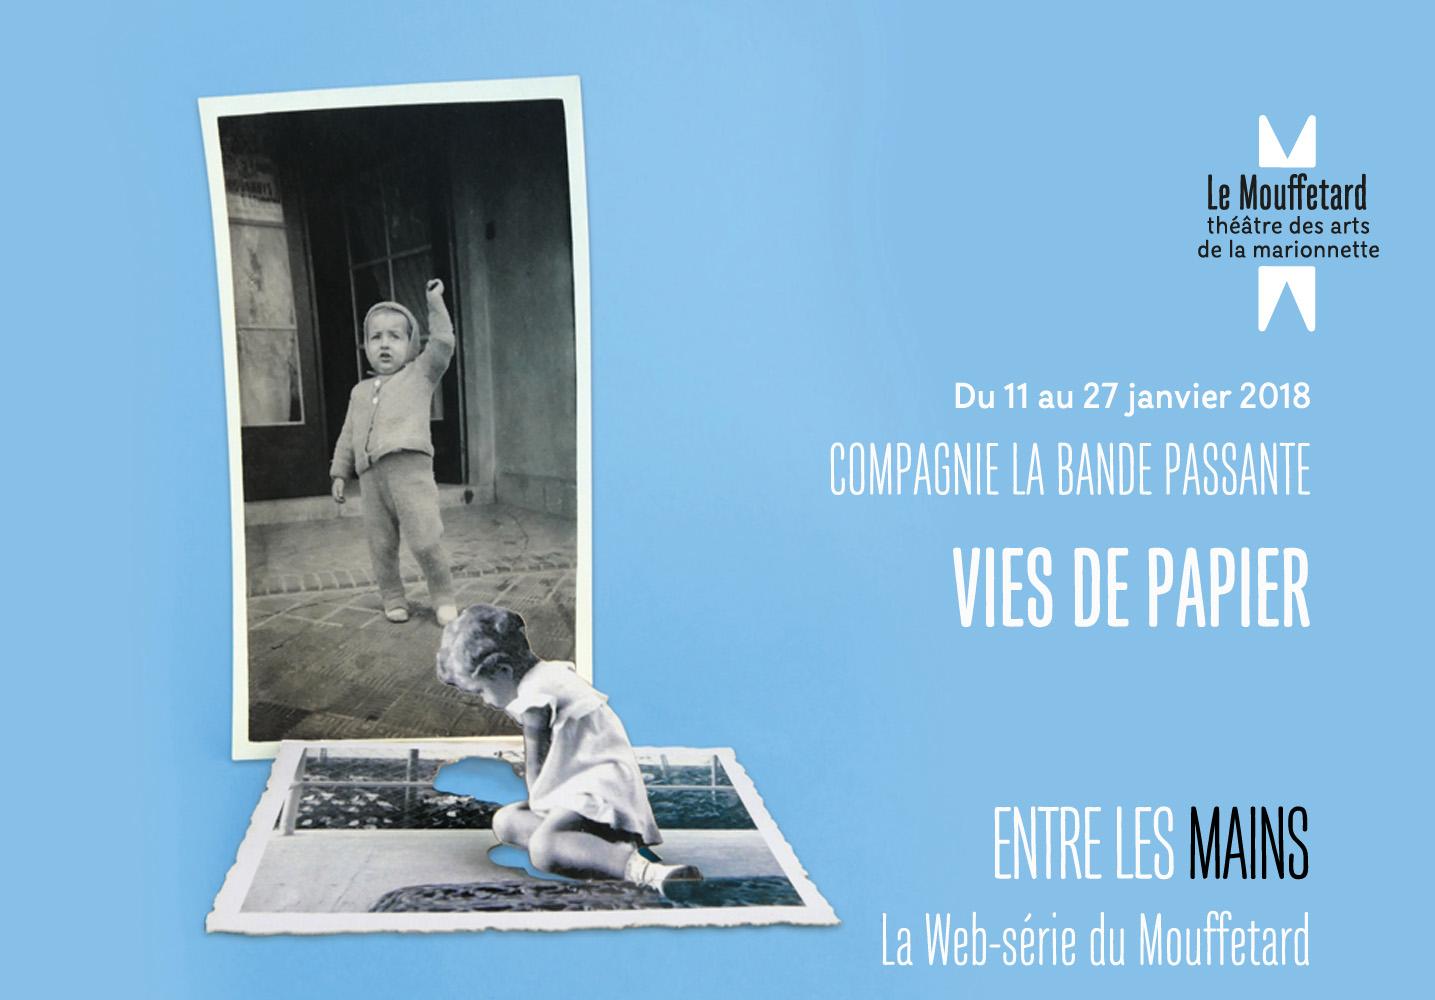 Web serie du mouffetard - Vie de papier - Compagnie la Bande Passante